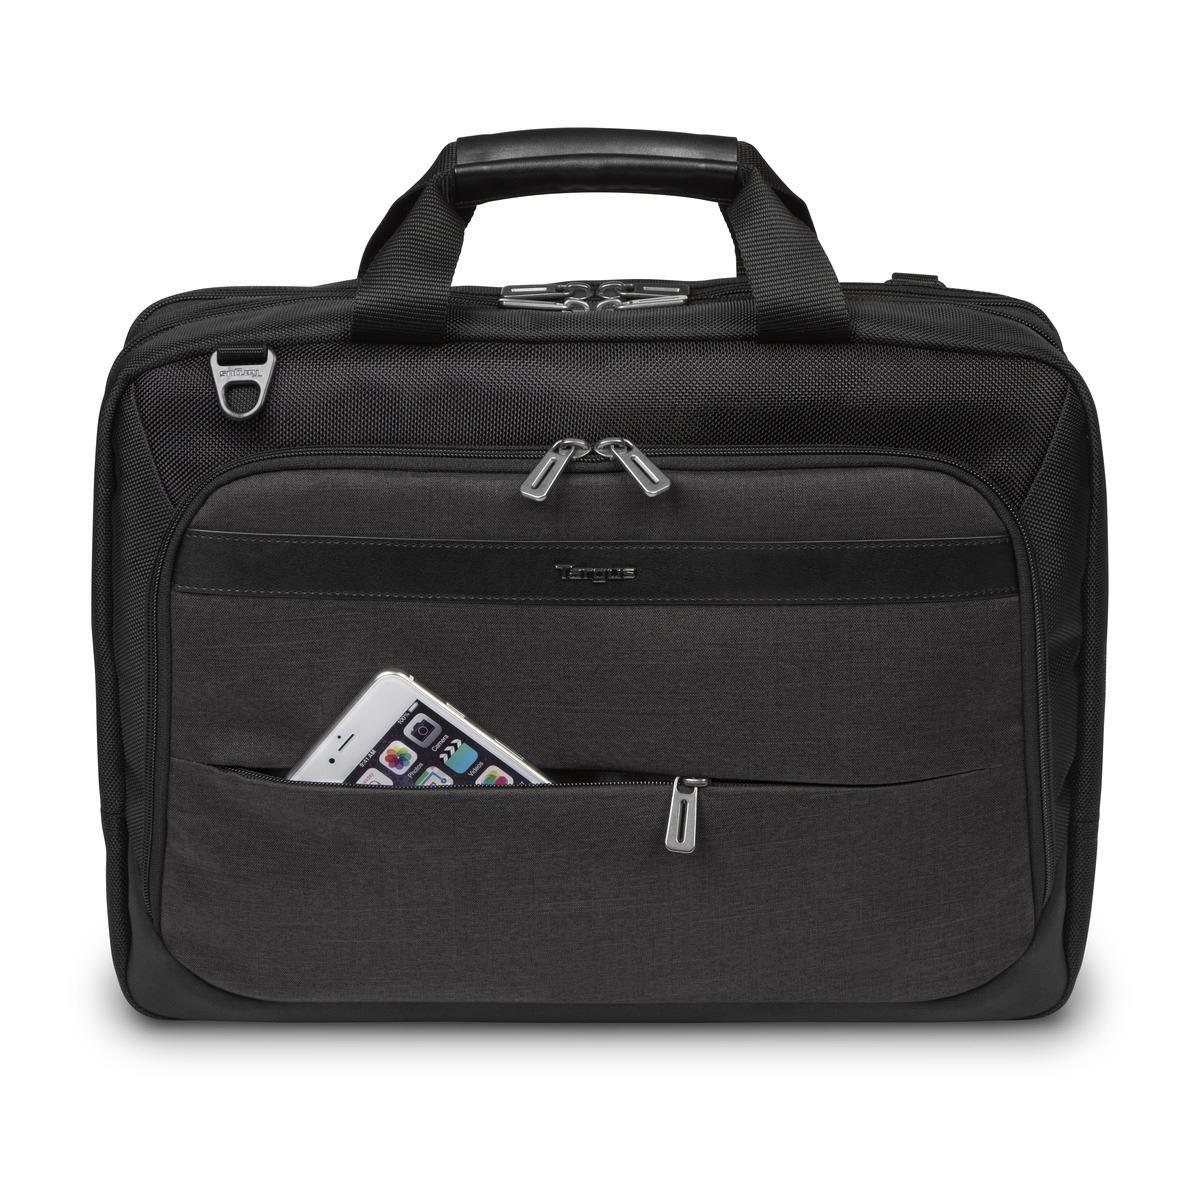 """ab2c066518 Mallette haute capacité CitySmart 14,15,15,6"""" pour portable à chargement  par le dessus de Targus - Noir/Gris"""